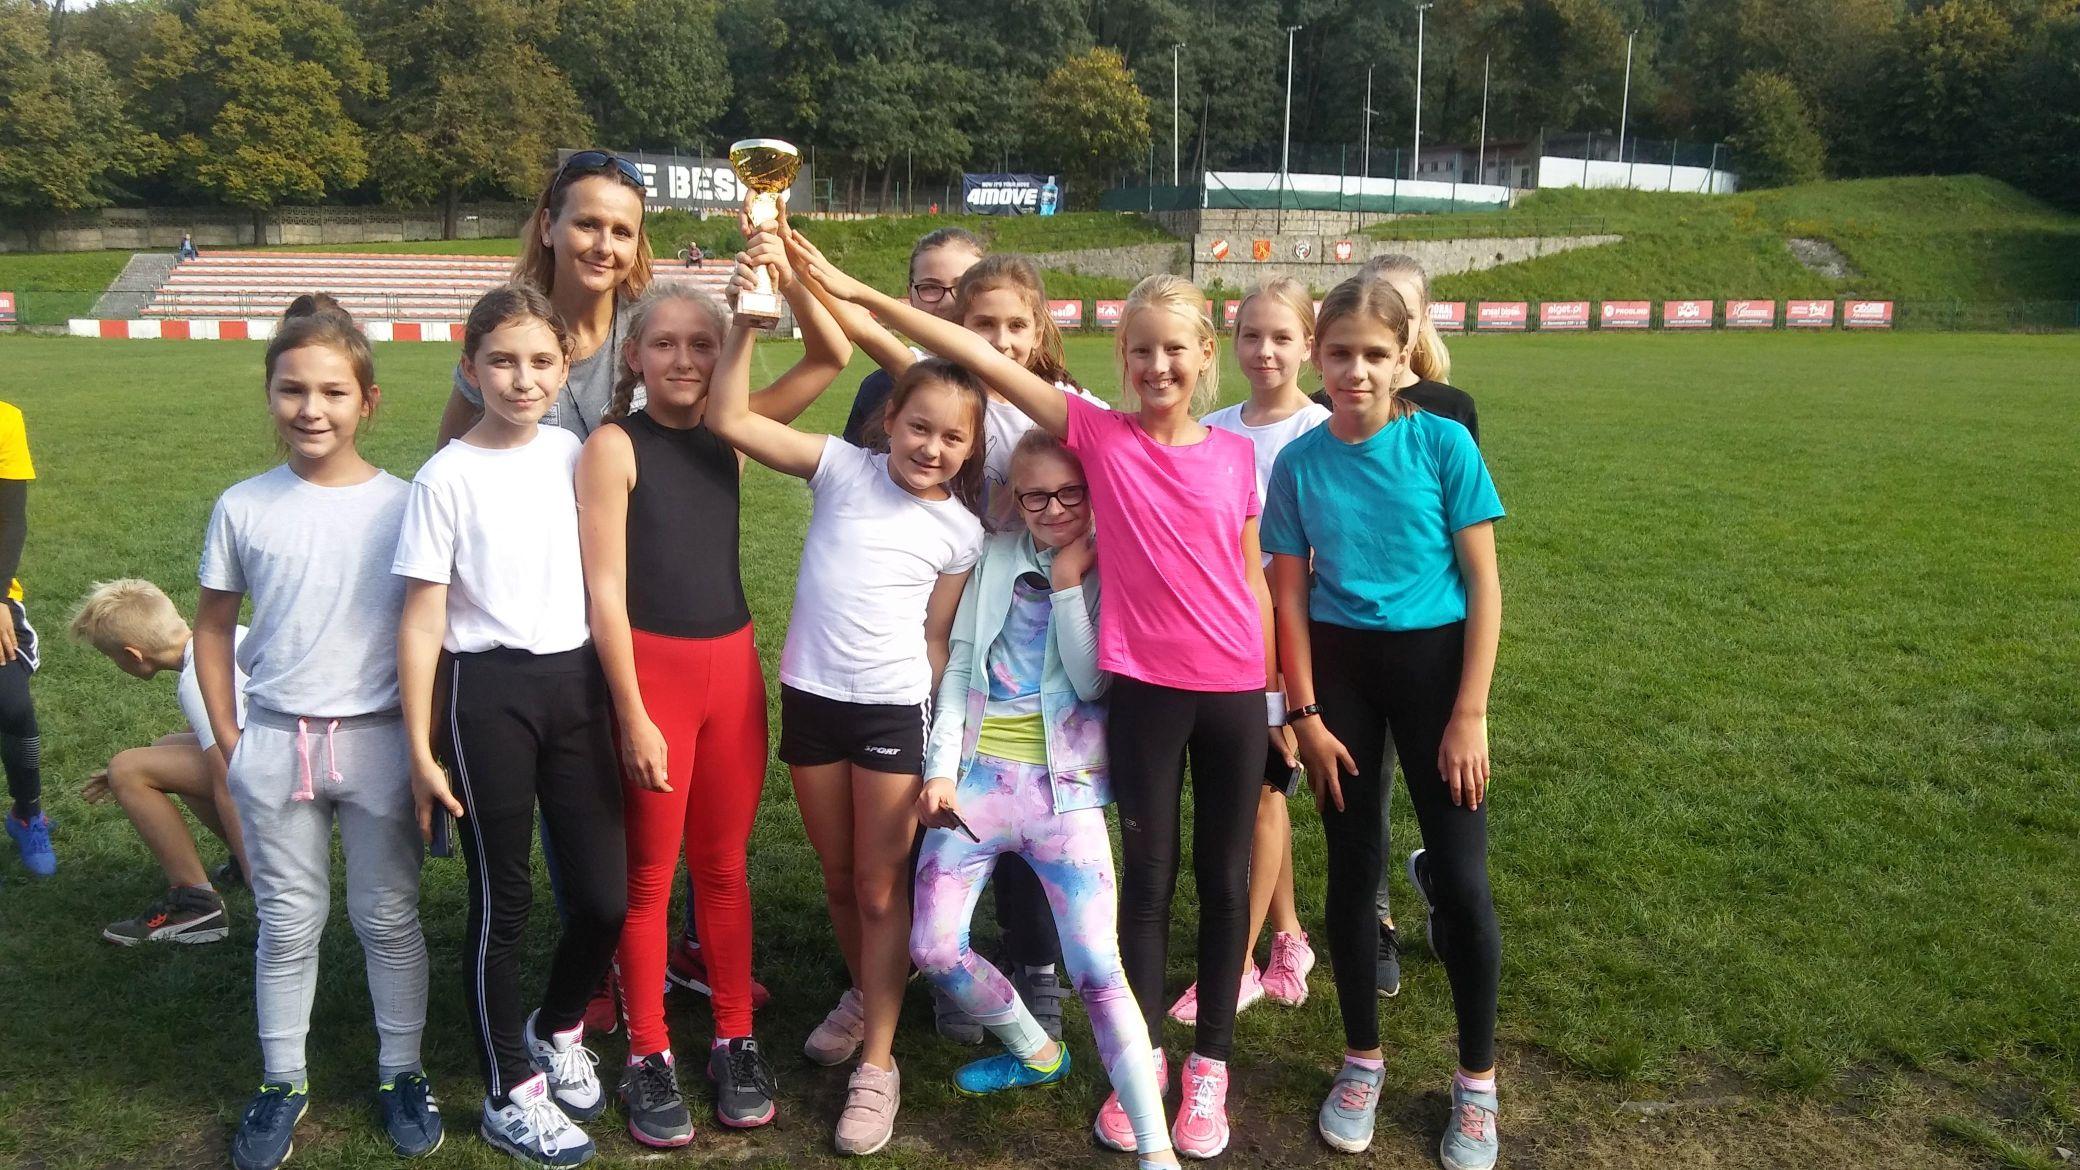 Reprezentacja szkoły w Inwałdzie w finale wojewódzkim